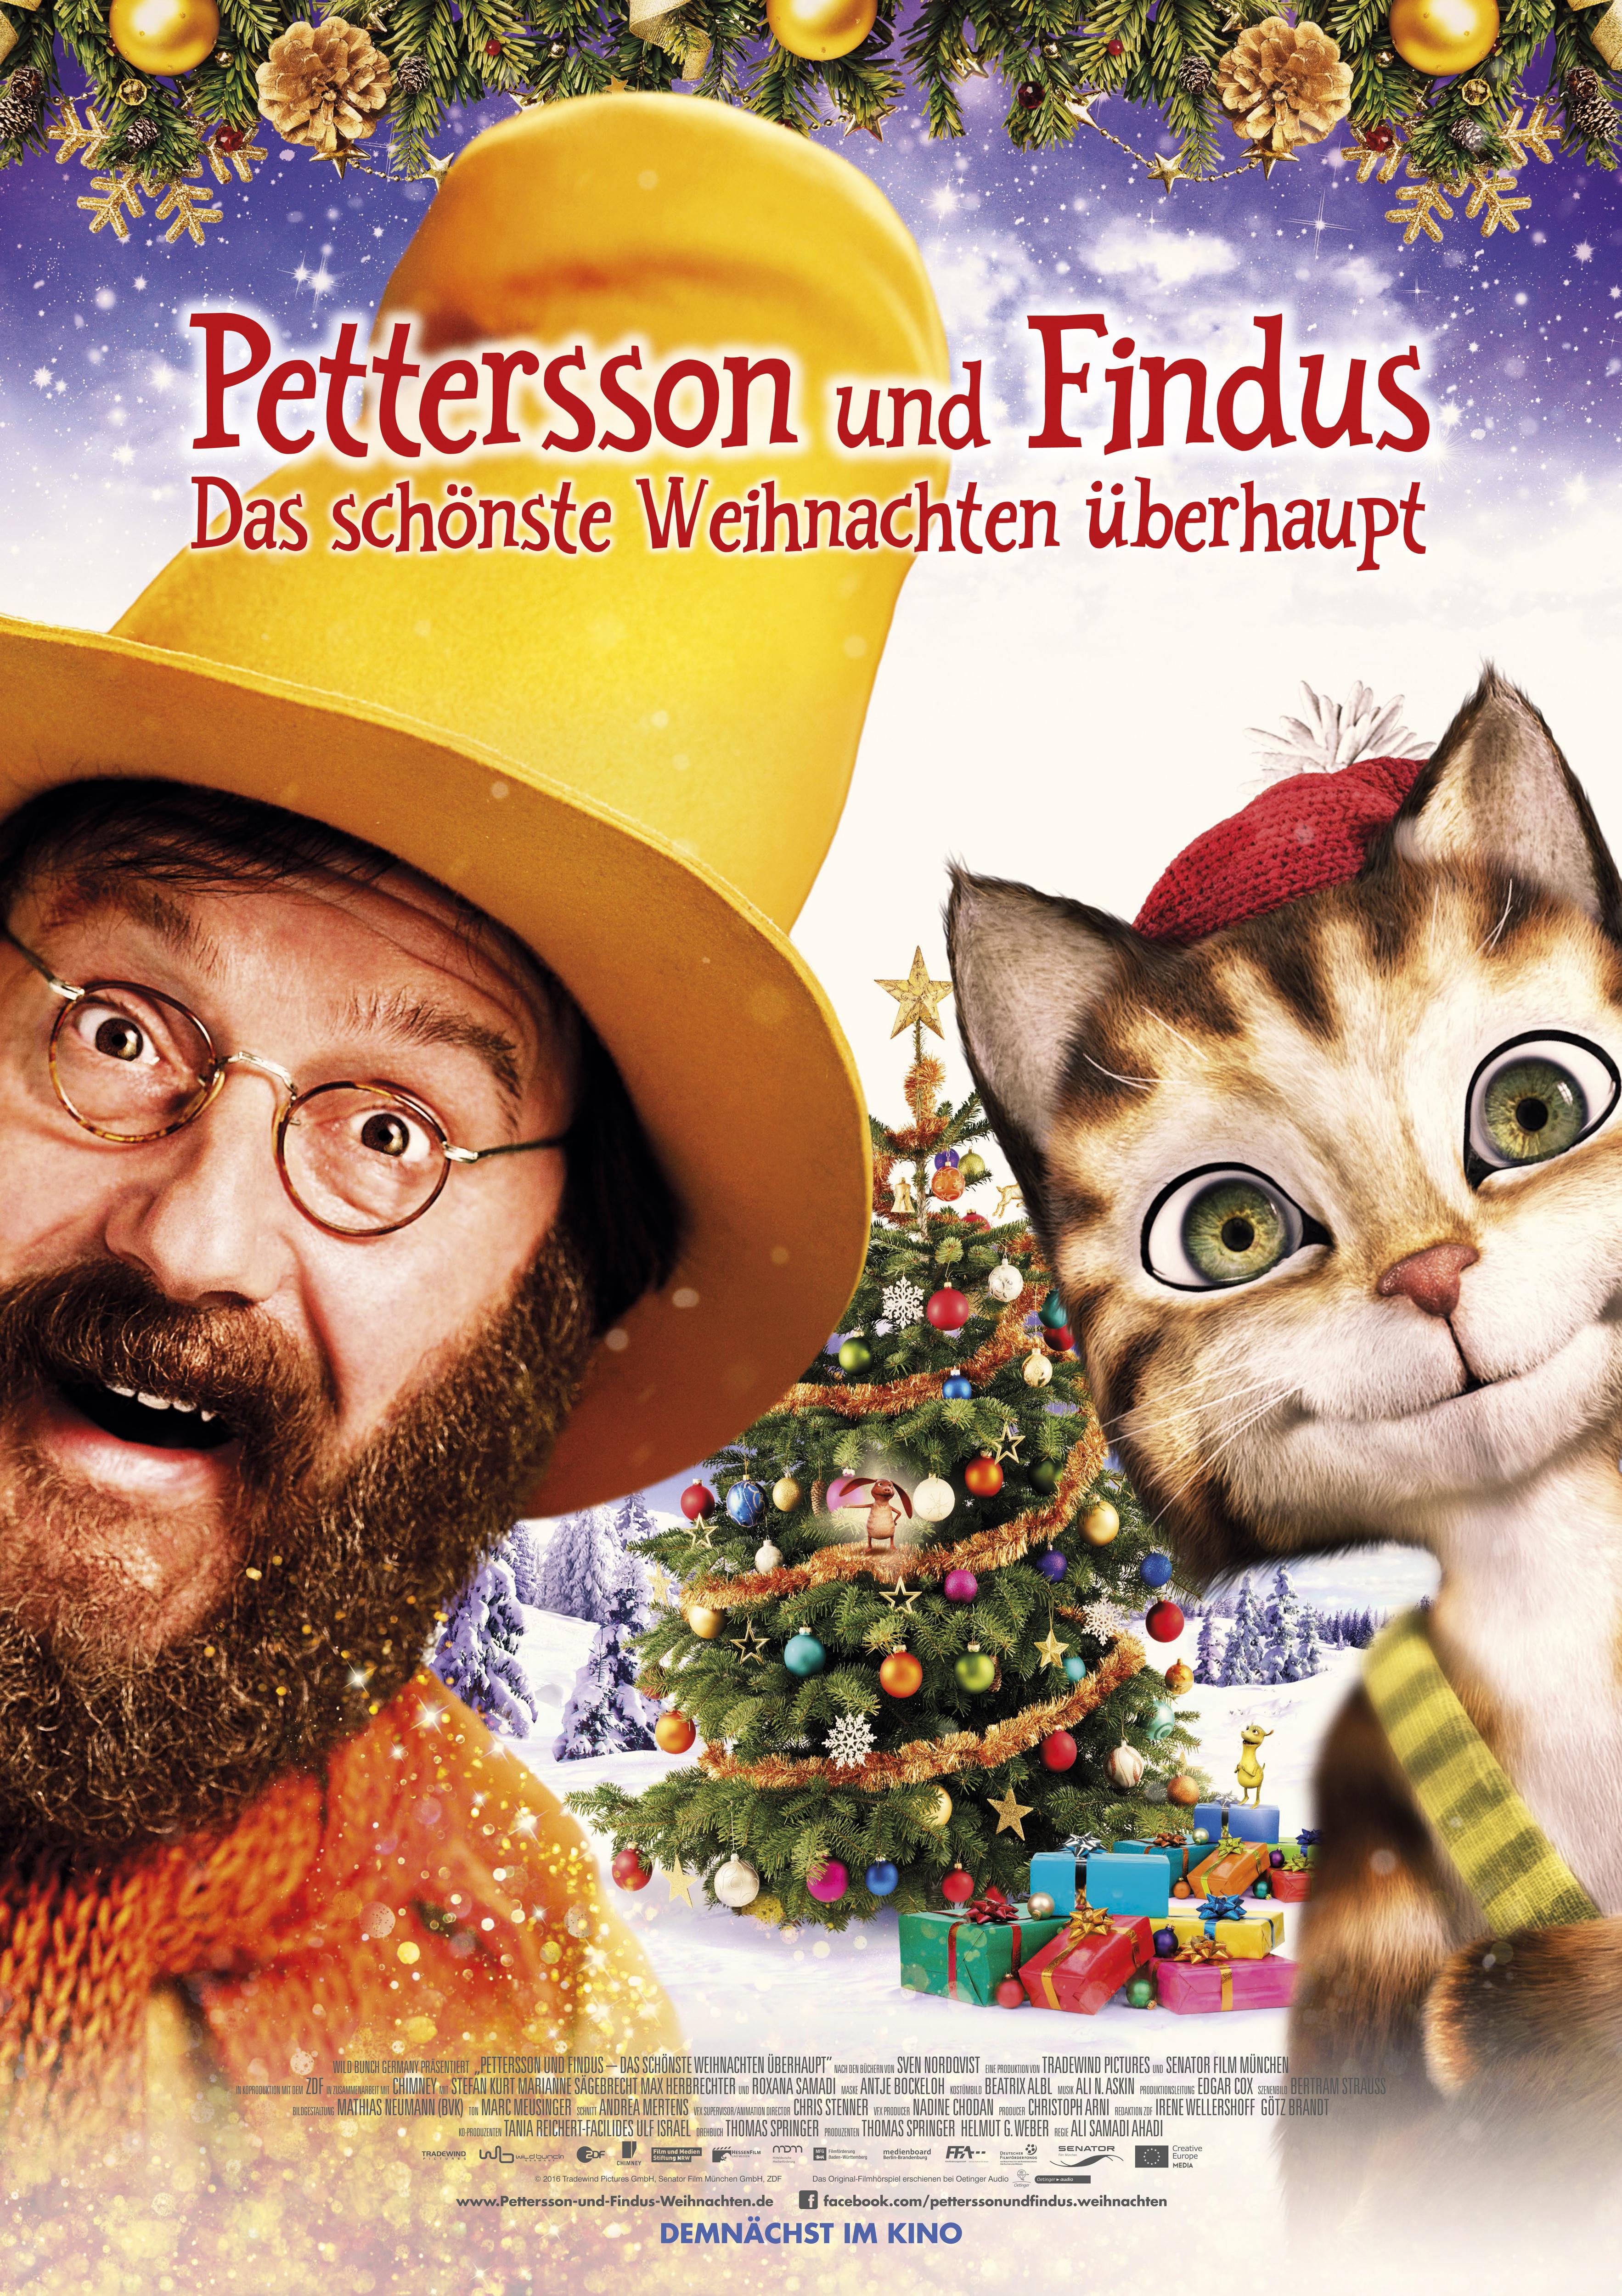 Pettersson und Findus 2 - Das schönste Weihnachten überhaupt kapak